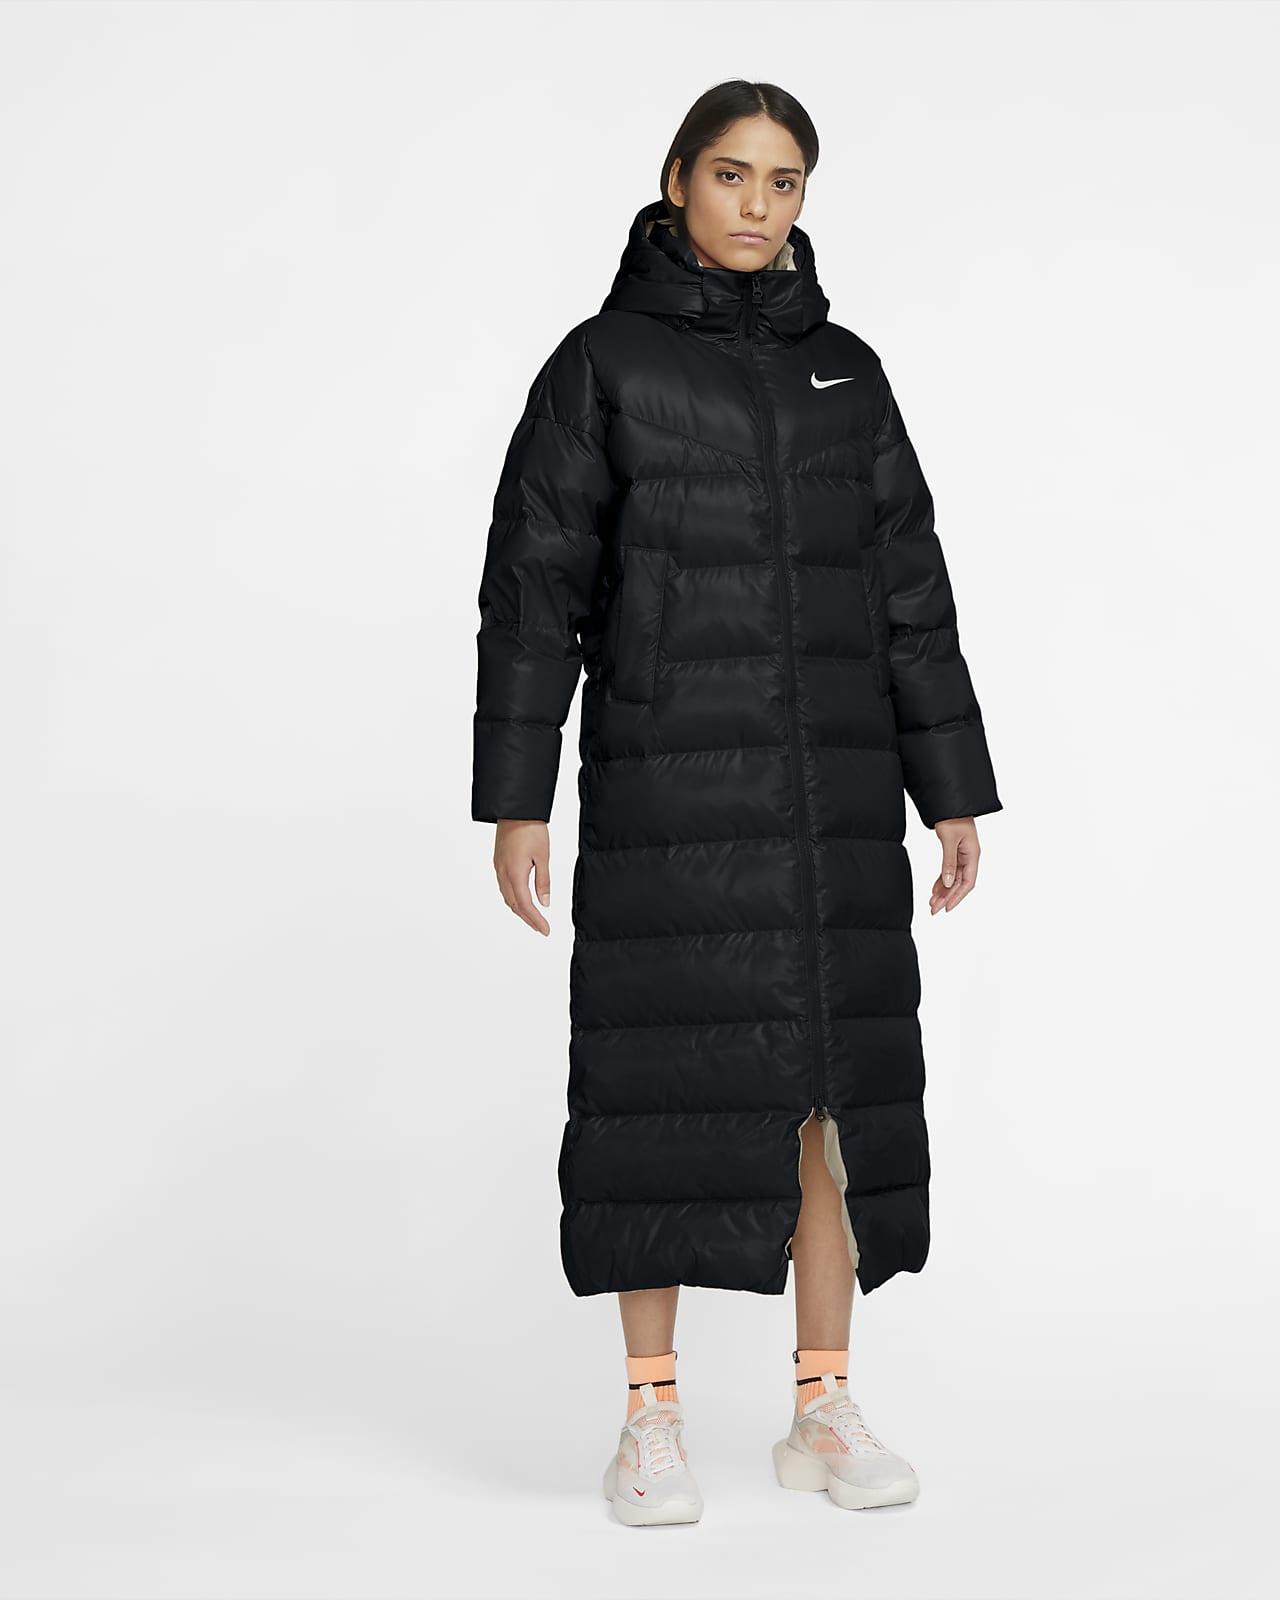 Dámská péřová parka Nike Sportswear